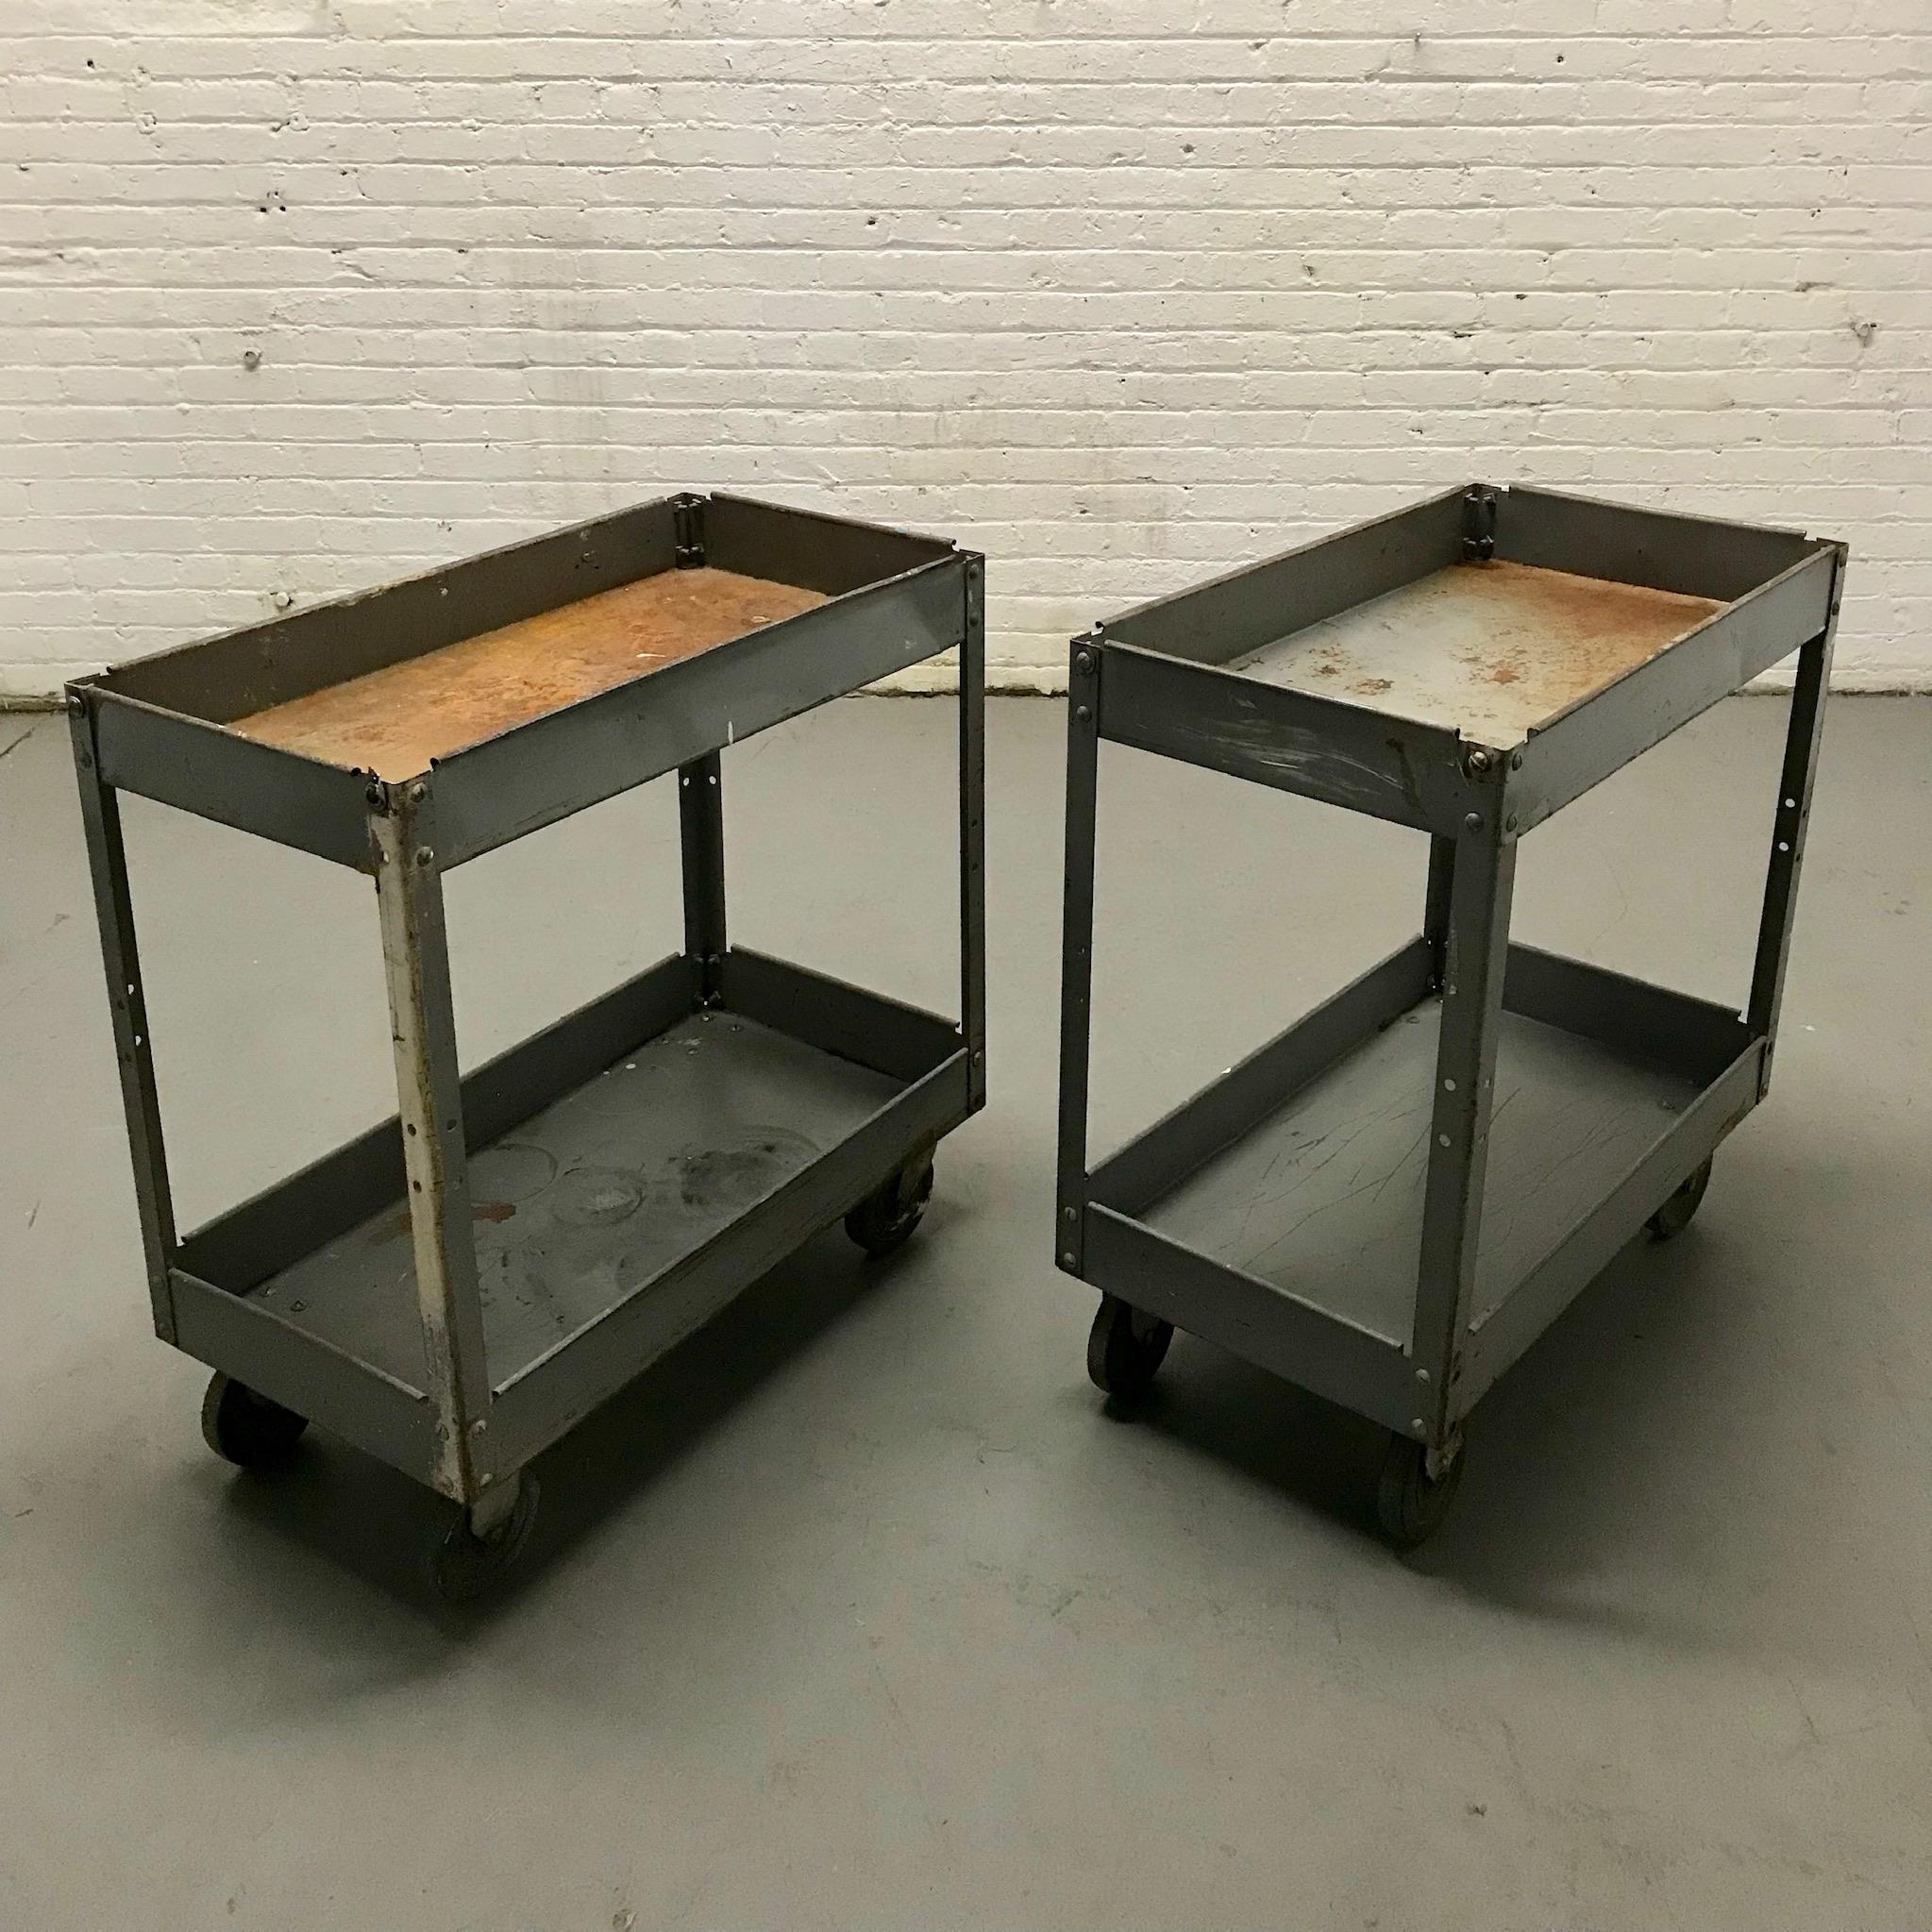 Dark grey Rusted Metal Tool Carts (2) $60/ea